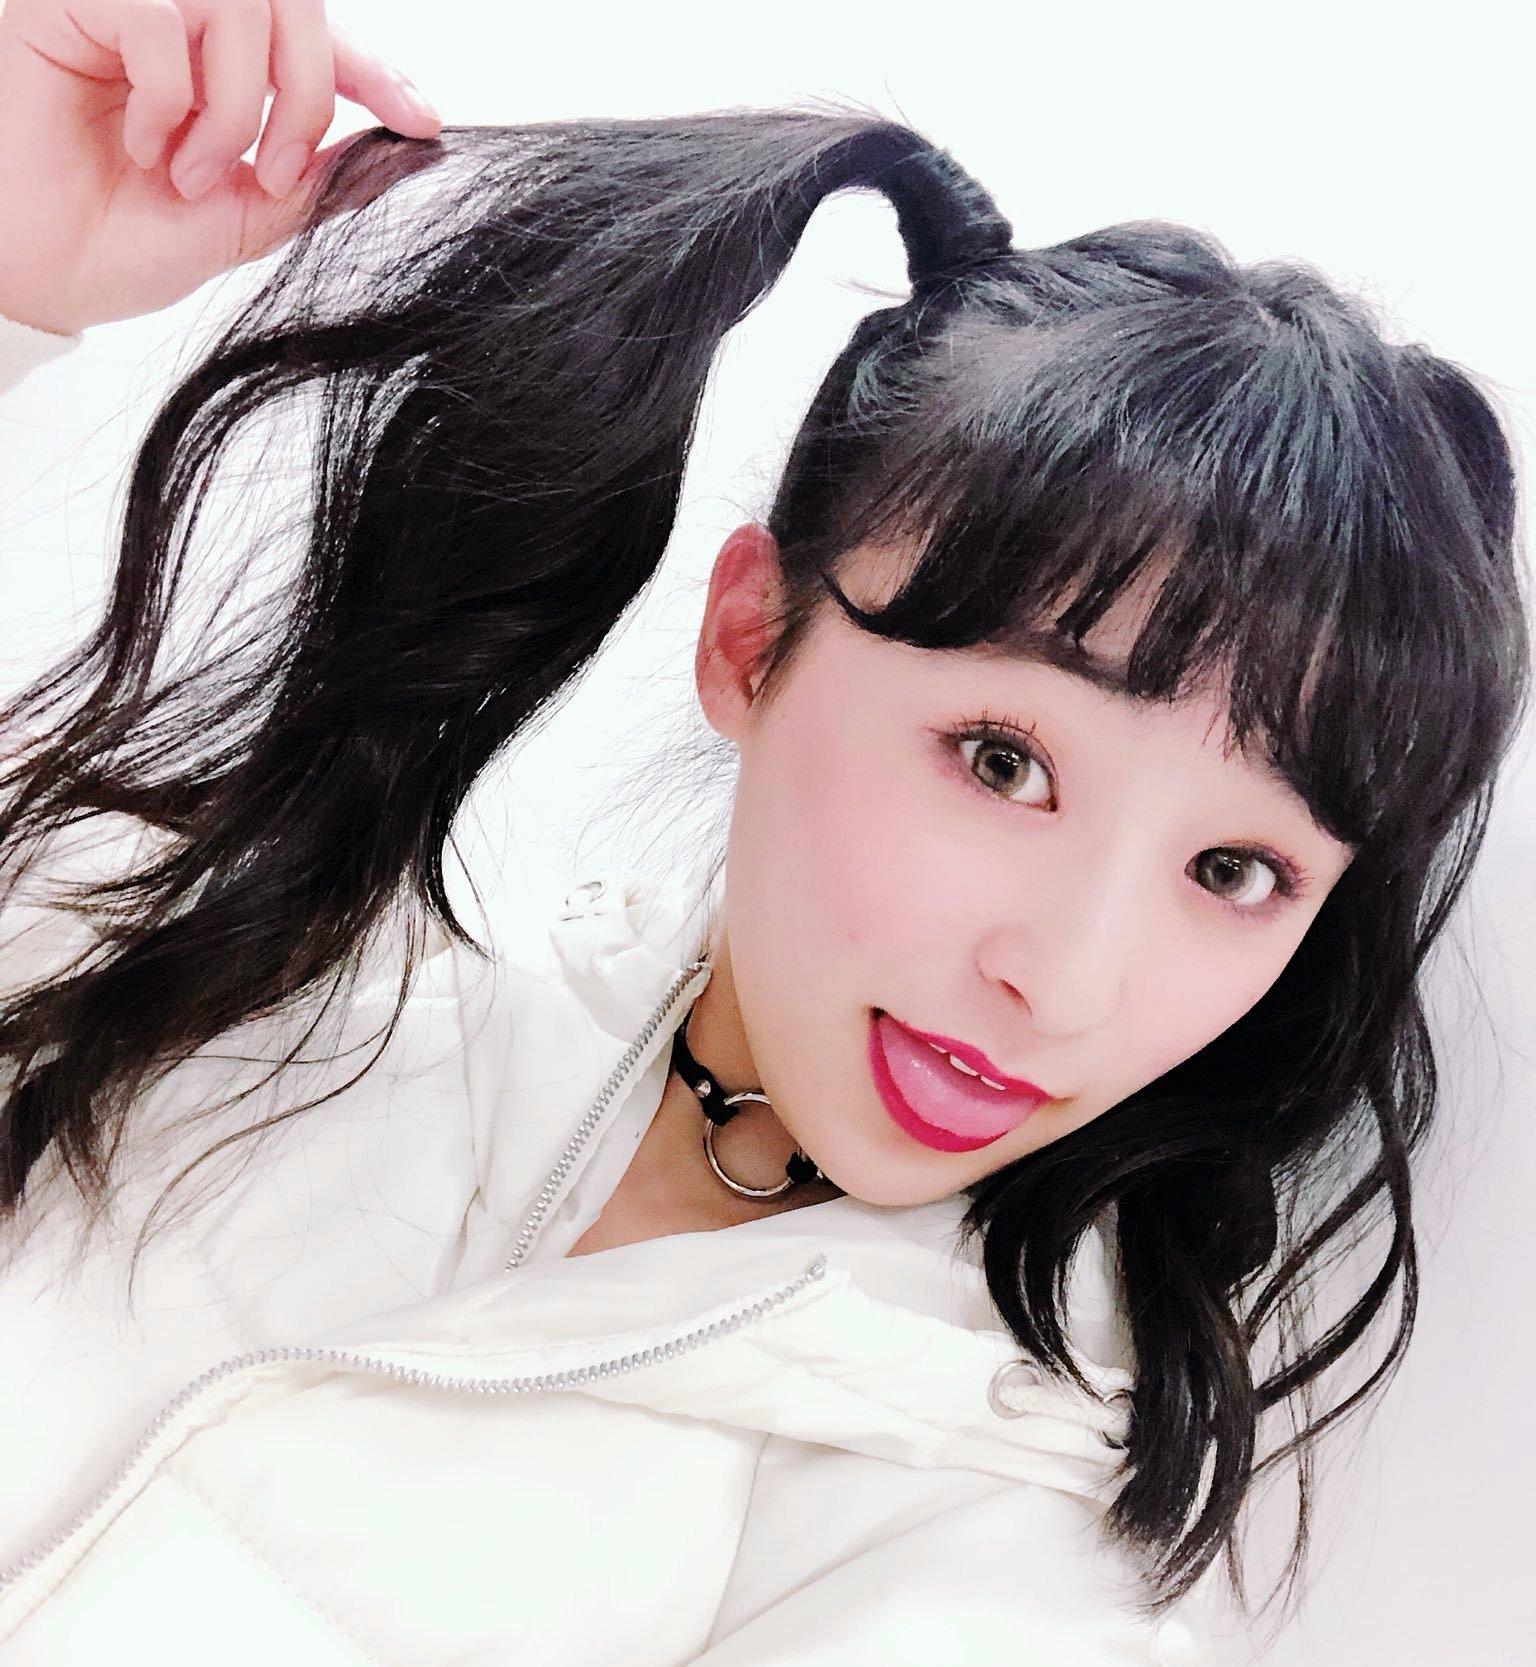 鈴木美羽のぽってり舌まとめ (8)